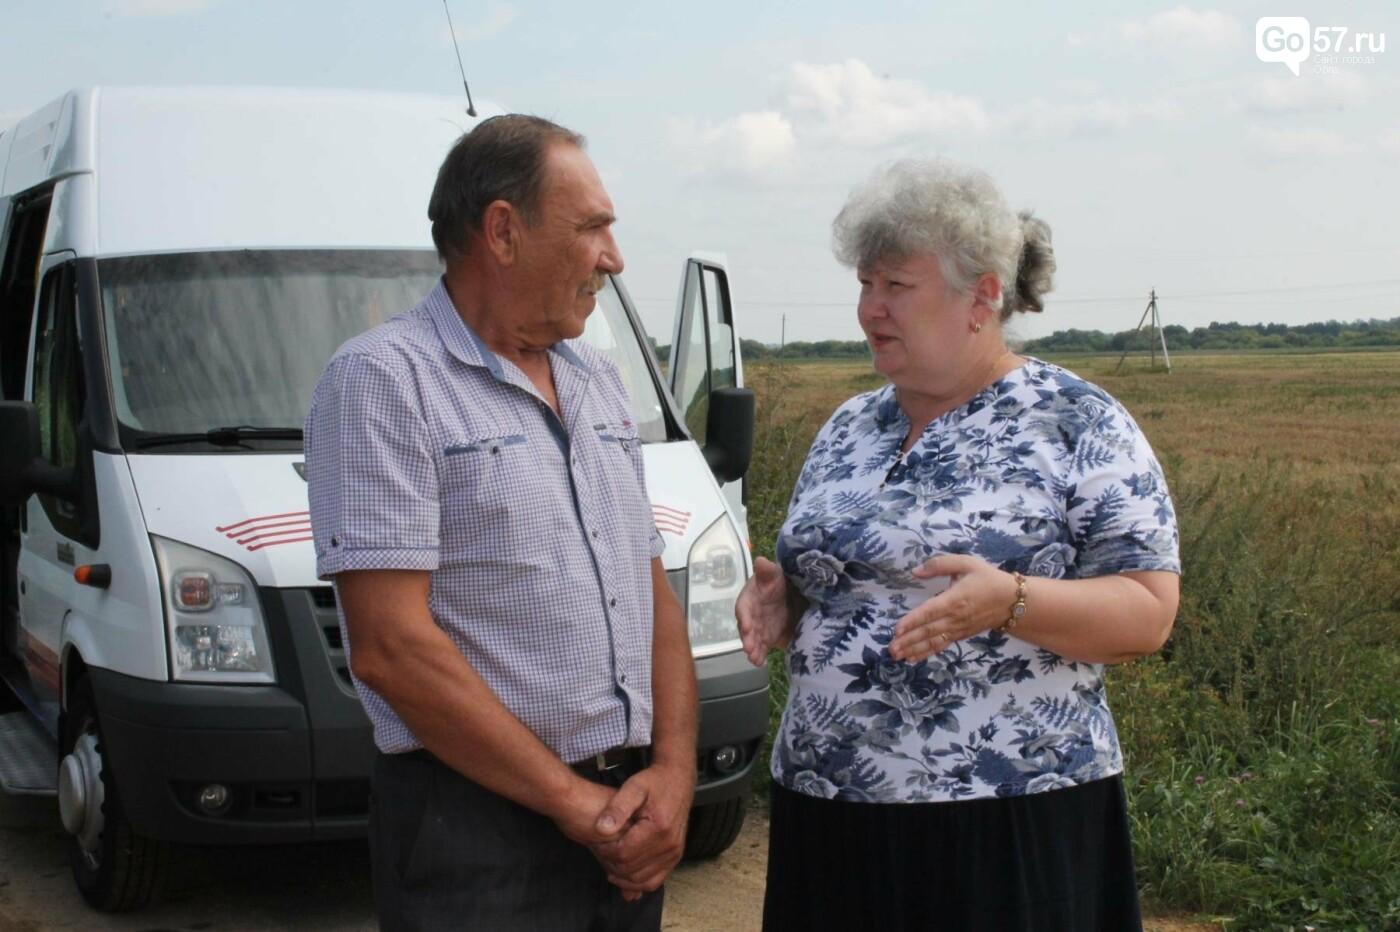 Жильцы орловских глубинок довольны новыми дорогами, фото-2